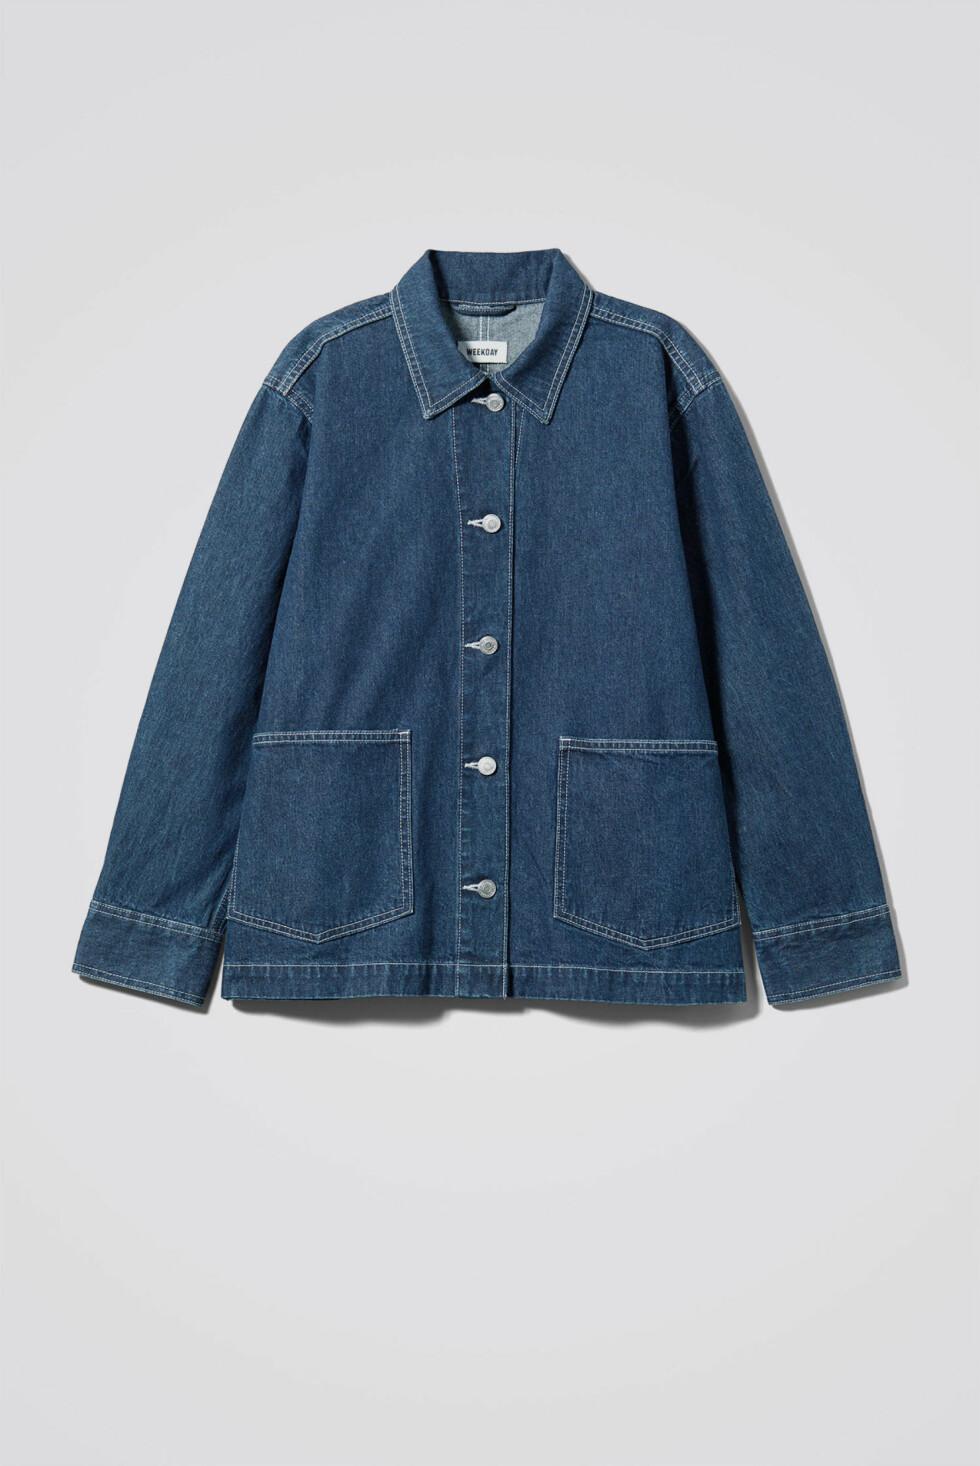 <strong>Jakke fra Weekday |600,-| https:</strong>//www.weekday.com/en_sek/women/categories/new-arrivals/product.dual-denim-jacket-blue.0651681001.html